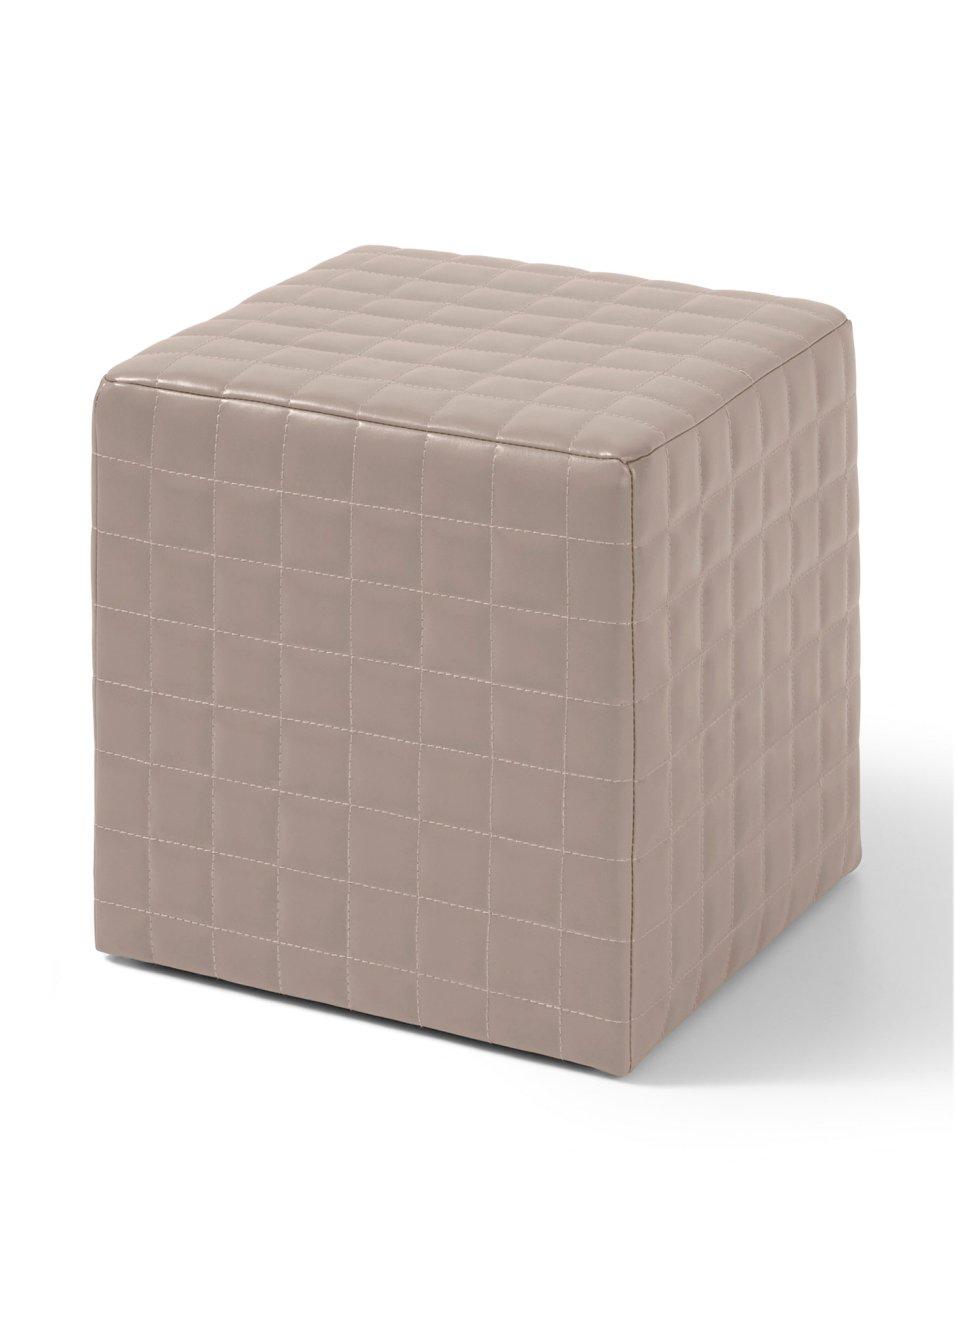 hocker colin taupe online kaufen. Black Bedroom Furniture Sets. Home Design Ideas